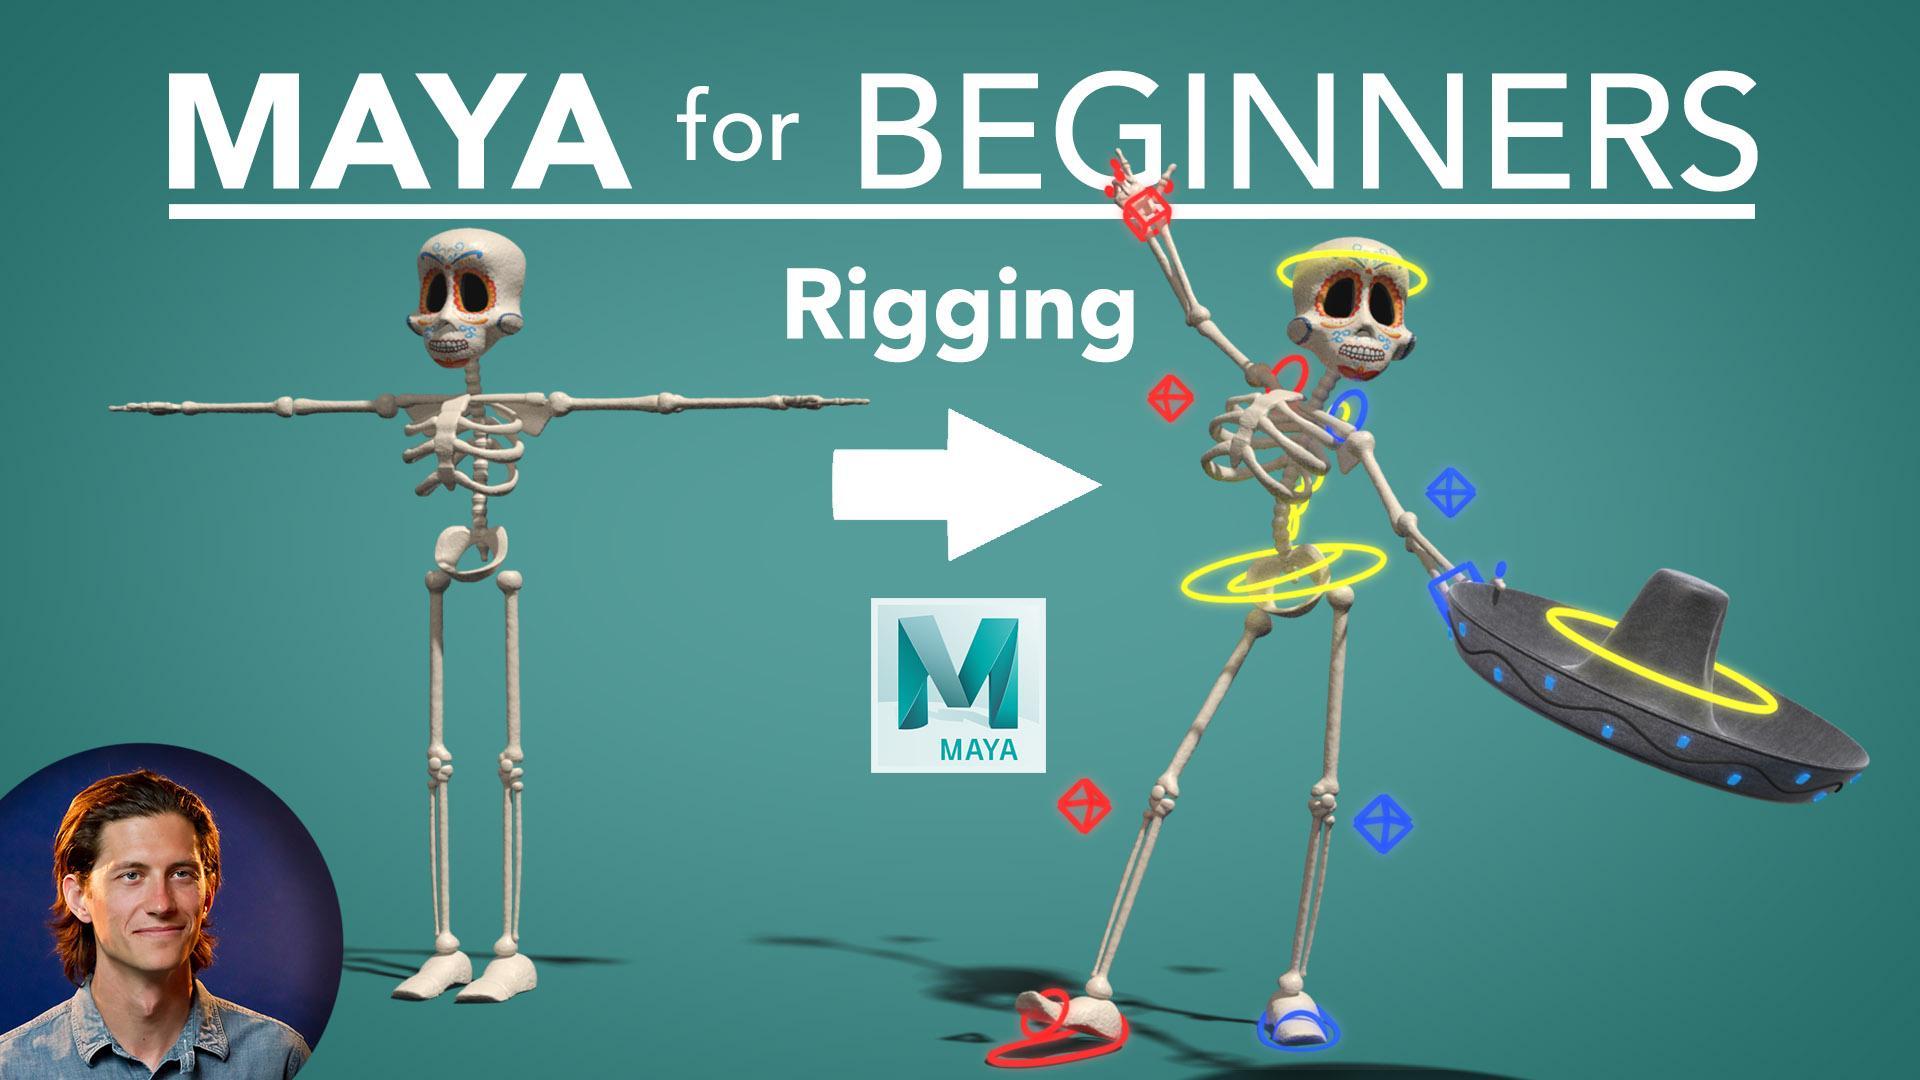 Maya for Beginners: Rigging | Lucas Ridley | Skillshare